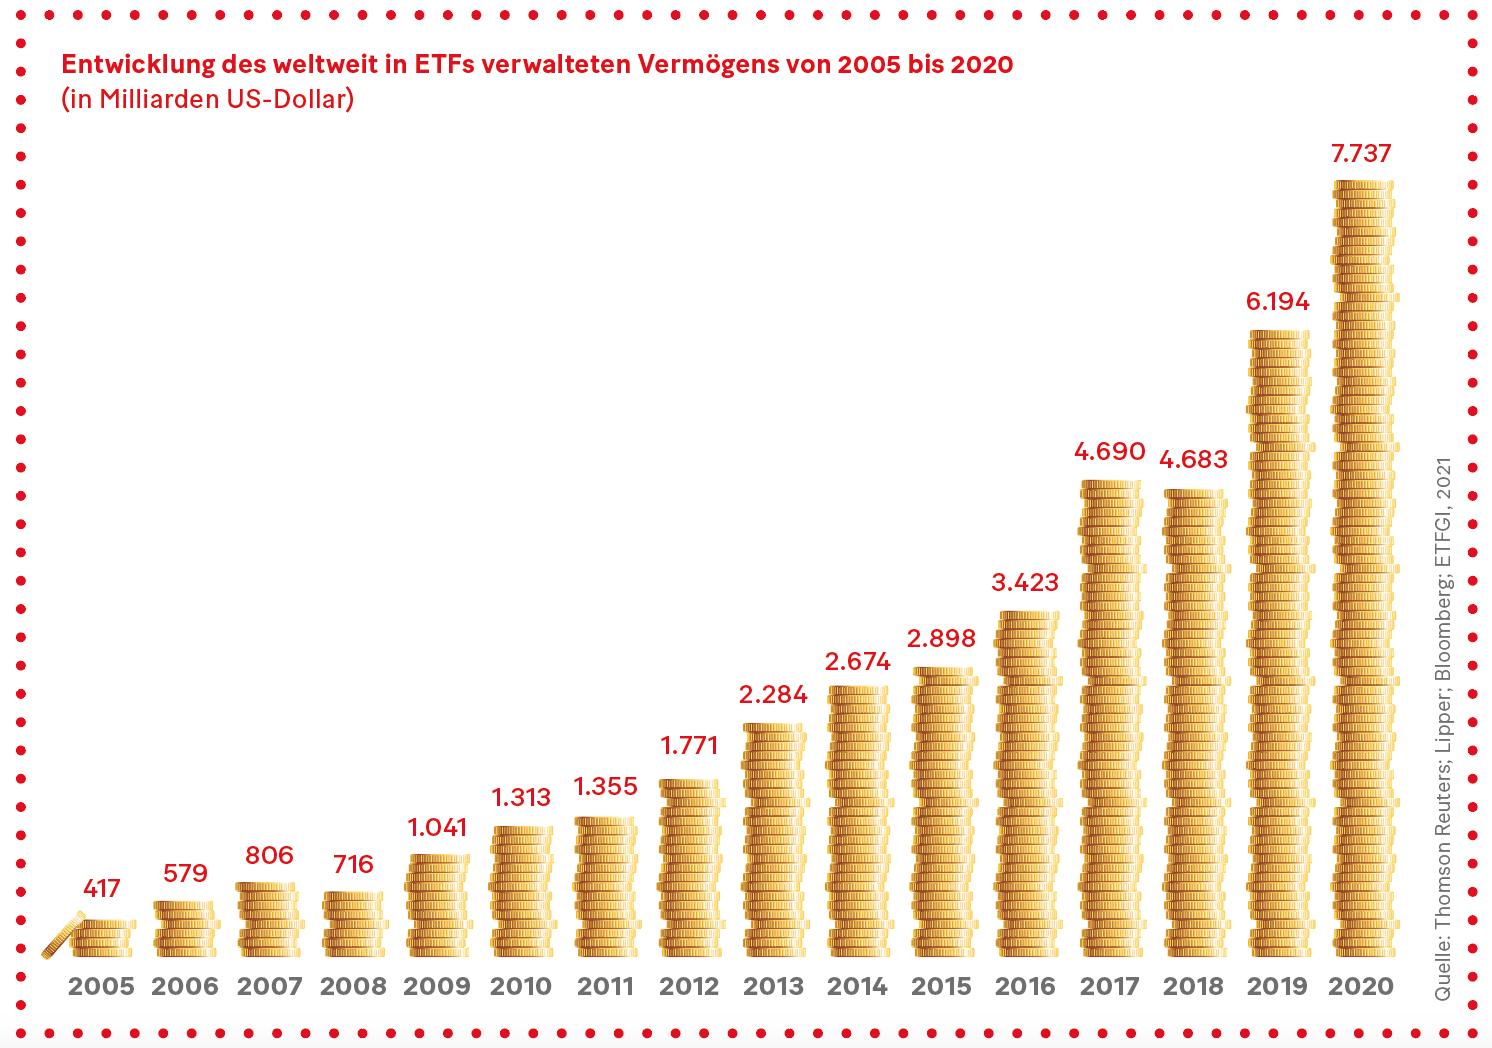 Grafik: Entwicklung des weltweit in ETFs verwalteten Vermögens von 2005 bis 2020